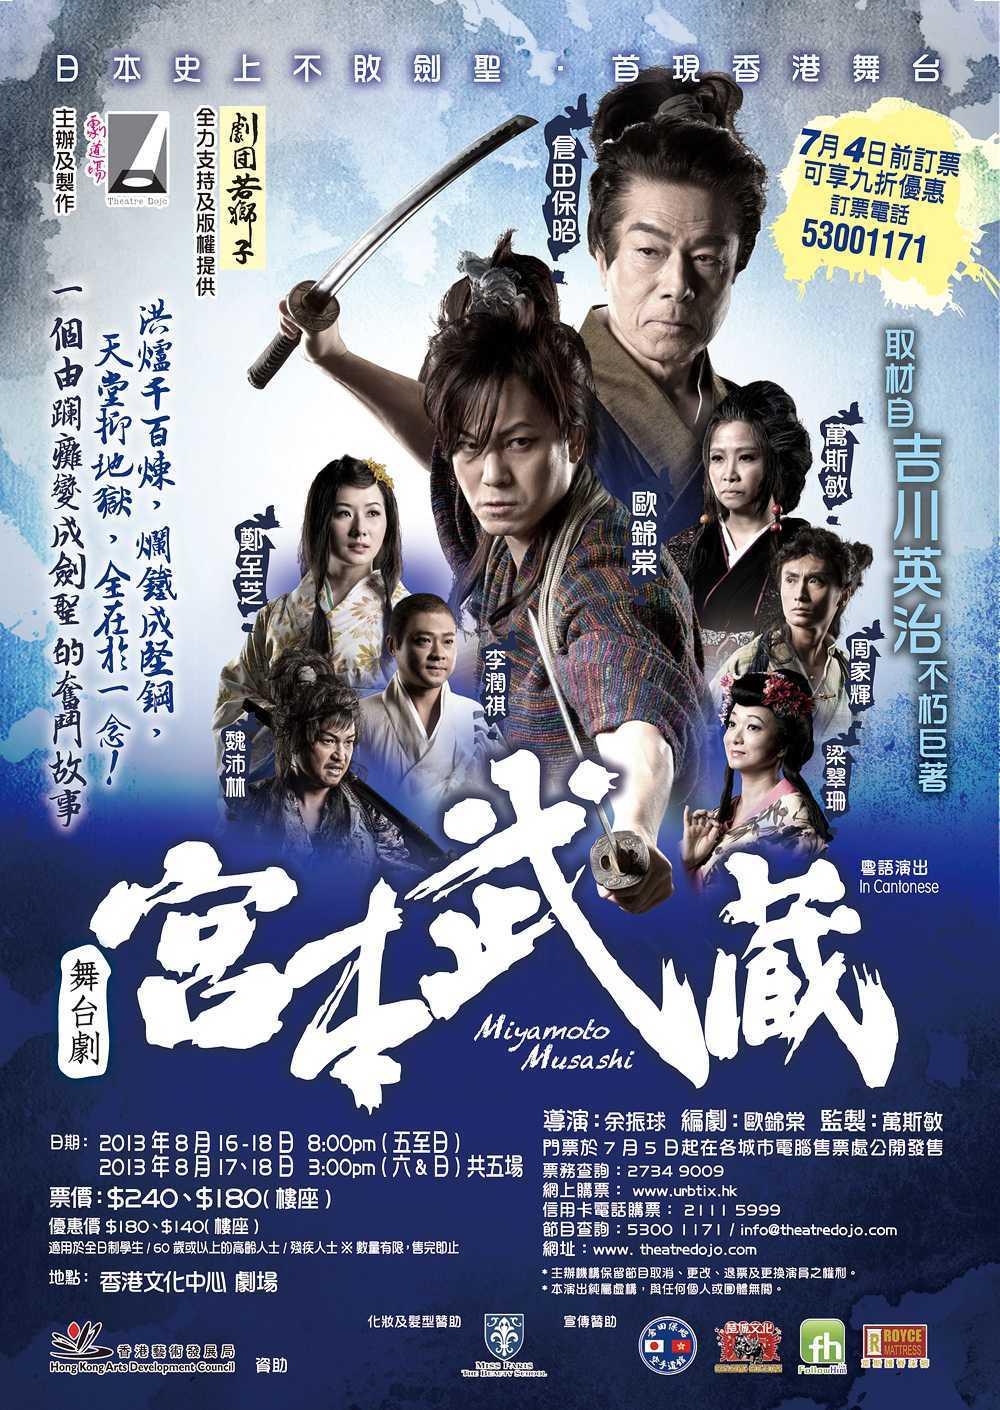 miyamoto-musashi-มิยาโมโต้-มุซาชิ-ซับไทย-ตอนที่-1-6-จบ-